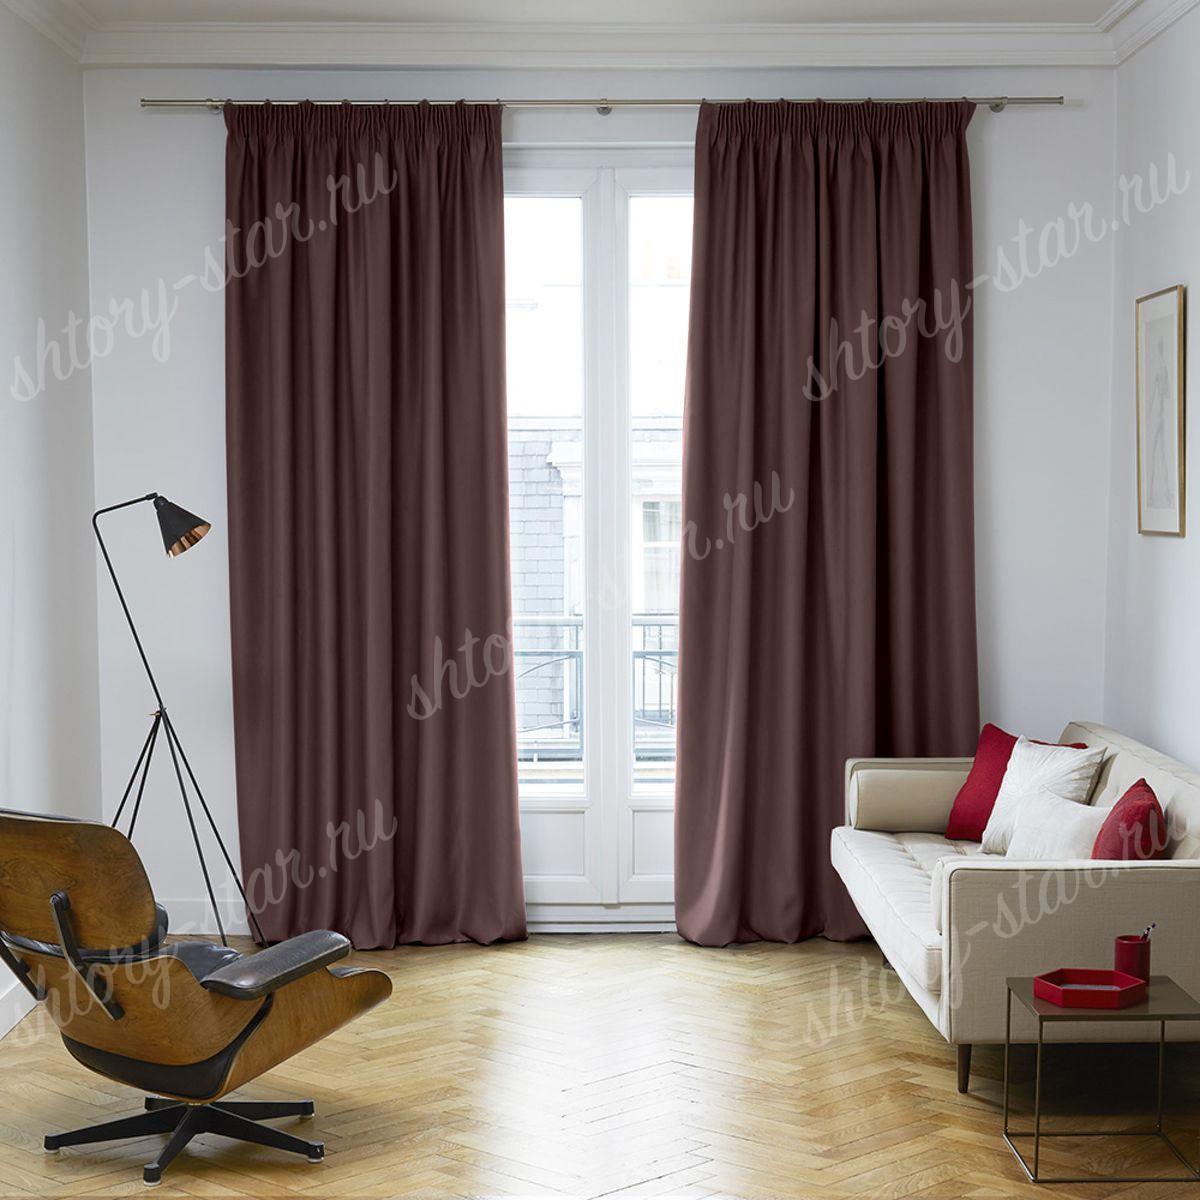 Шторы blackout (60 фото): что это такое, светонепроницаемая ткань от солнца на окна, особенности белых полотен, отзывы